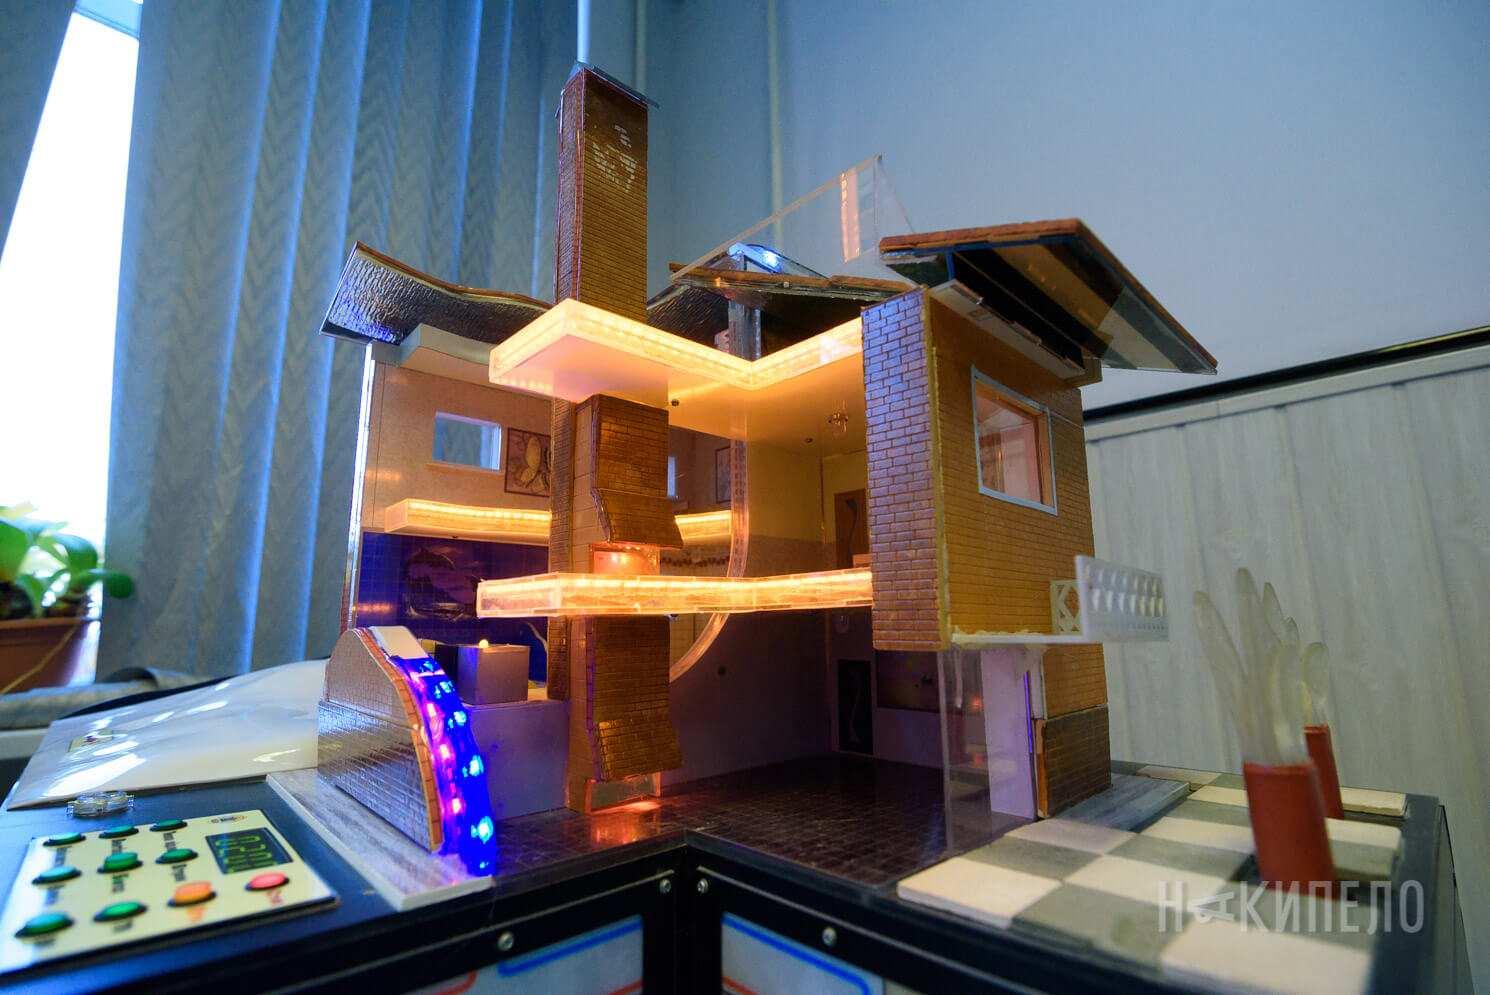 Энергосберегающий энергия экономия тепло дом хпи